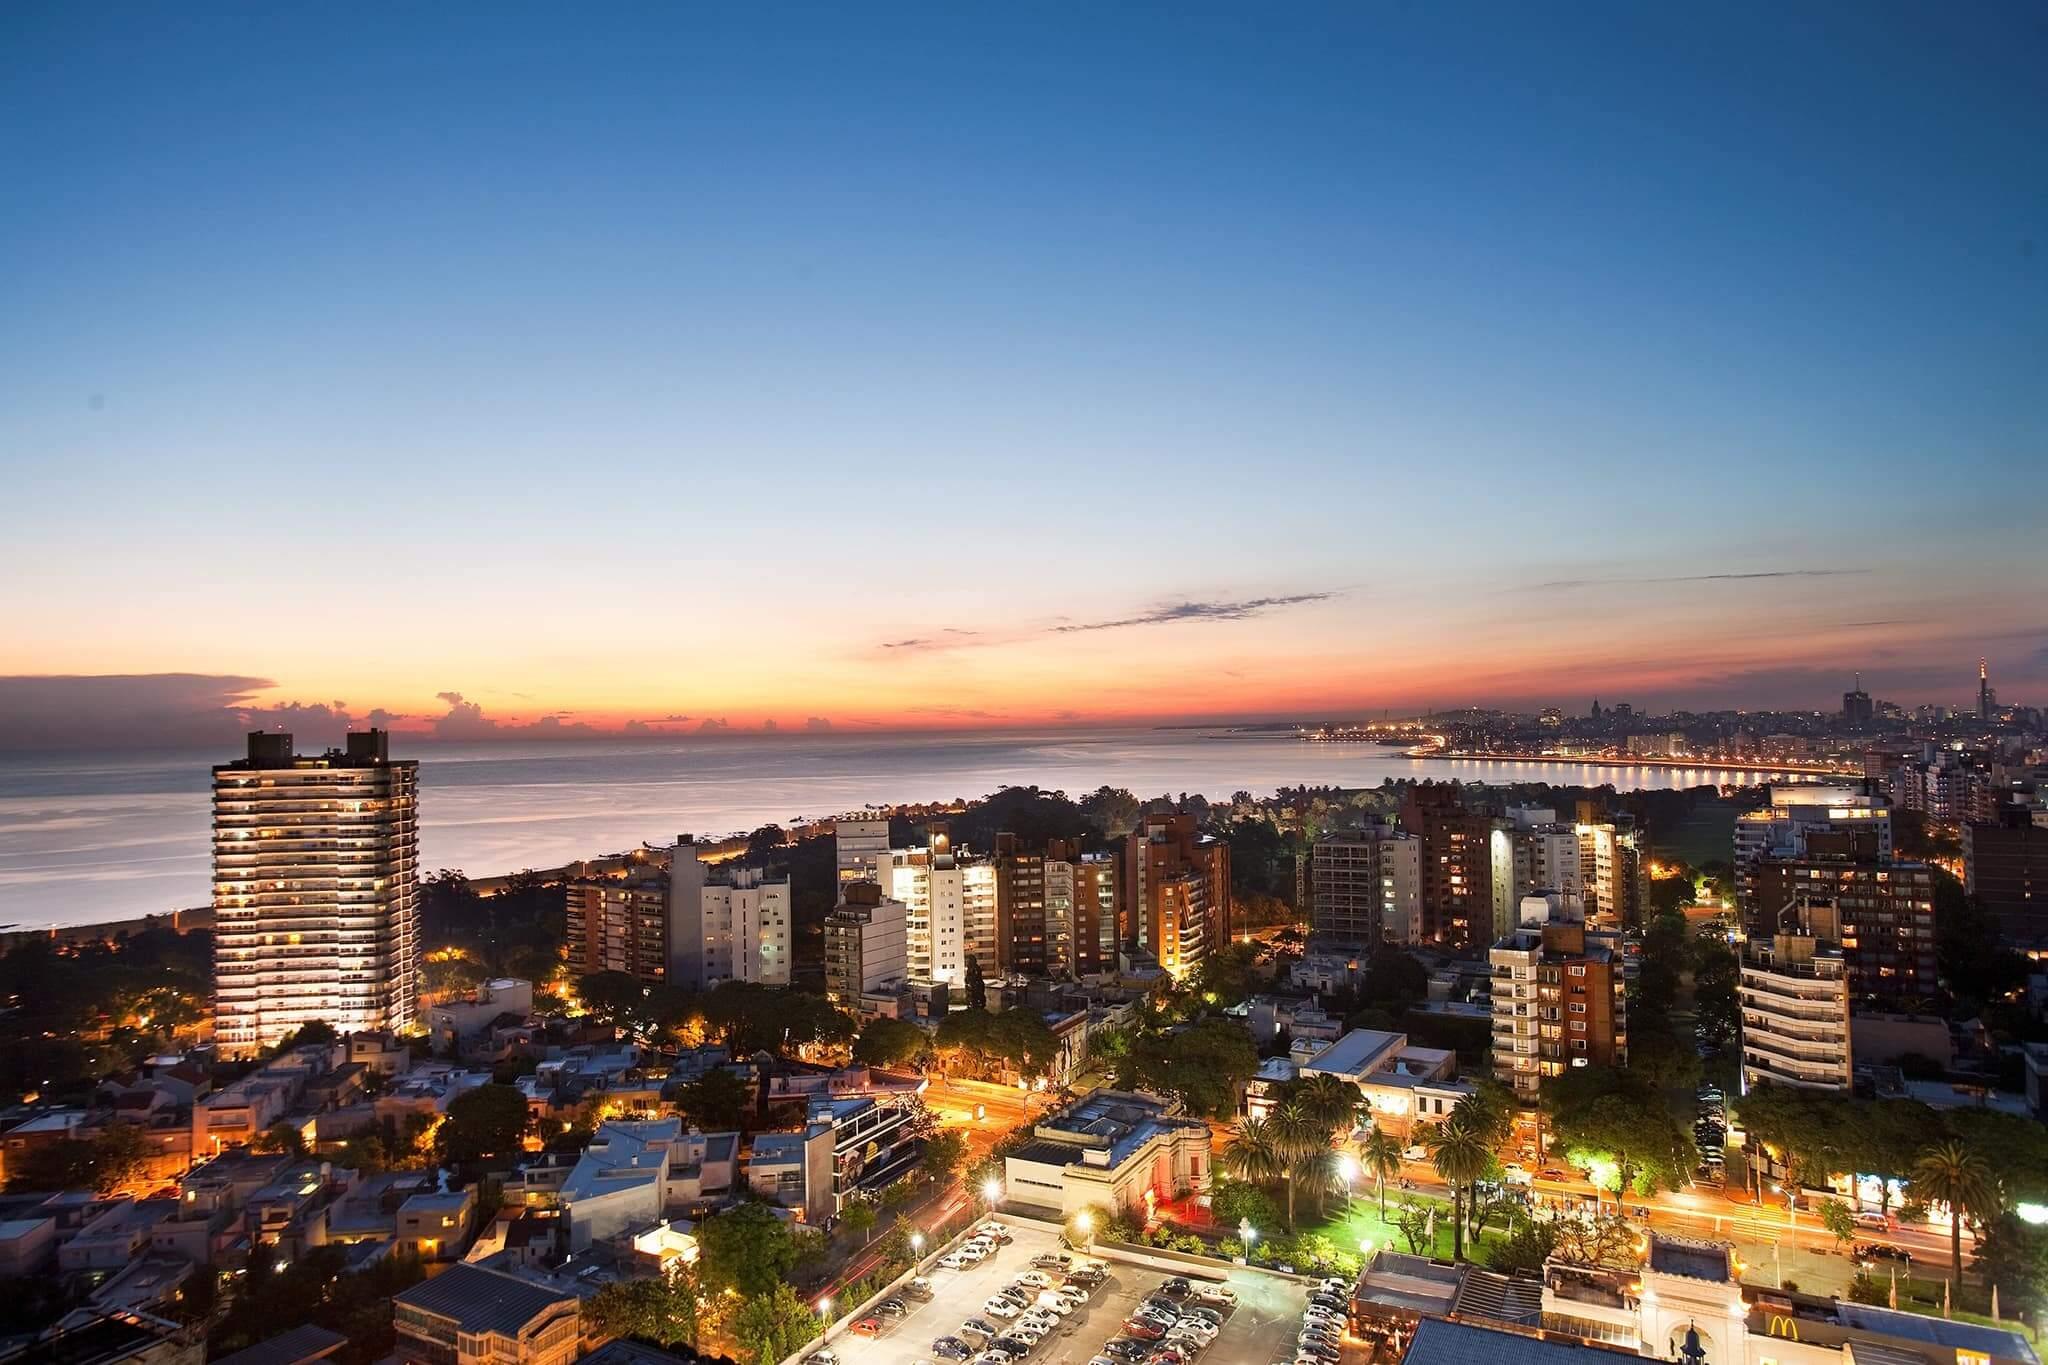 Onde ficar em Montevidéu: Melhores bairros e regiões